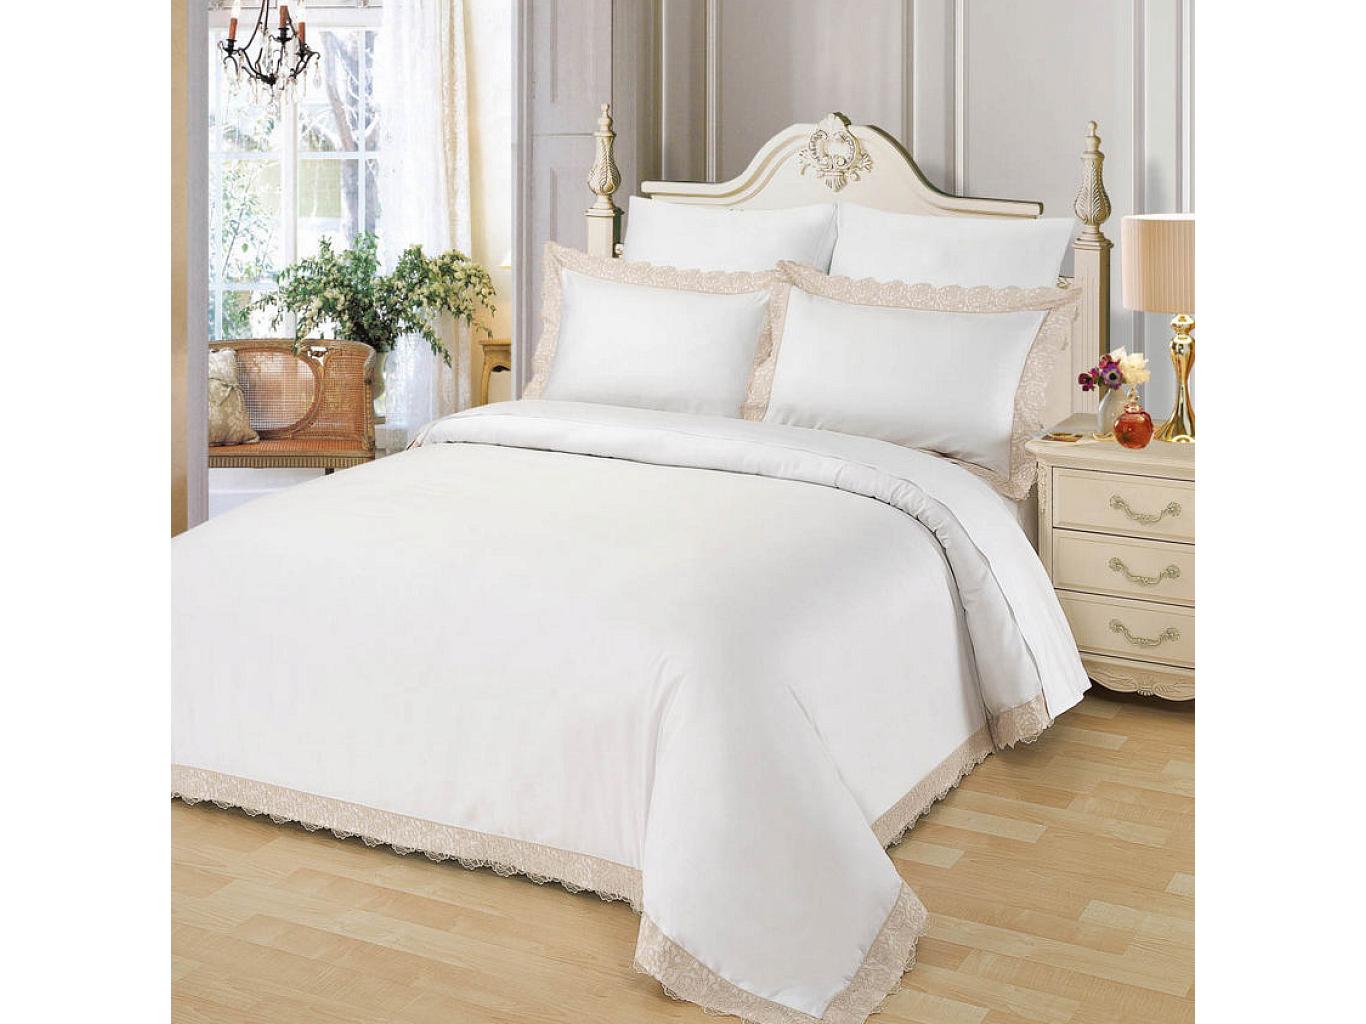 Комплект постельного белья МарианнаДвуспальные комплекты постельного белья<br>&amp;lt;div&amp;gt;Великолепный белоснежный комплект из хлопка станет настоящим украшением для Вашей спальни. Наволочки с &amp;quot;ушками&amp;quot; и изысканным кружевом нежных оттенков по периметру смотрятся необыкновенно утонченно. Хлопковая нить сплетается определенным способом, он позволяет получить высокую плотность ткани, не теряя при этом мягкости.&amp;amp;nbsp;&amp;lt;/div&amp;gt;&amp;lt;div&amp;gt;&amp;lt;br&amp;gt;&amp;lt;/div&amp;gt;&amp;lt;div&amp;gt;Комплектация:&amp;lt;/div&amp;gt;&amp;lt;div&amp;gt;Пододеяльник: 200х220 см (1)&amp;amp;nbsp;&amp;lt;/div&amp;gt;&amp;lt;div&amp;gt;Простынь: 230х250 см (1)&amp;amp;nbsp;&amp;lt;/div&amp;gt;&amp;lt;div&amp;gt;Наволочки: 50х70 см (2)&amp;amp;nbsp;&amp;lt;/div&amp;gt;&amp;lt;div&amp;gt;Наволочки: 70х70 см (2)&amp;amp;nbsp;&amp;lt;/div&amp;gt;&amp;lt;div&amp;gt;Состав: 100% хлопок&amp;lt;/div&amp;gt;<br><br>Material: Хлопок<br>Ширина см: 230.0<br>Глубина см: 250.0